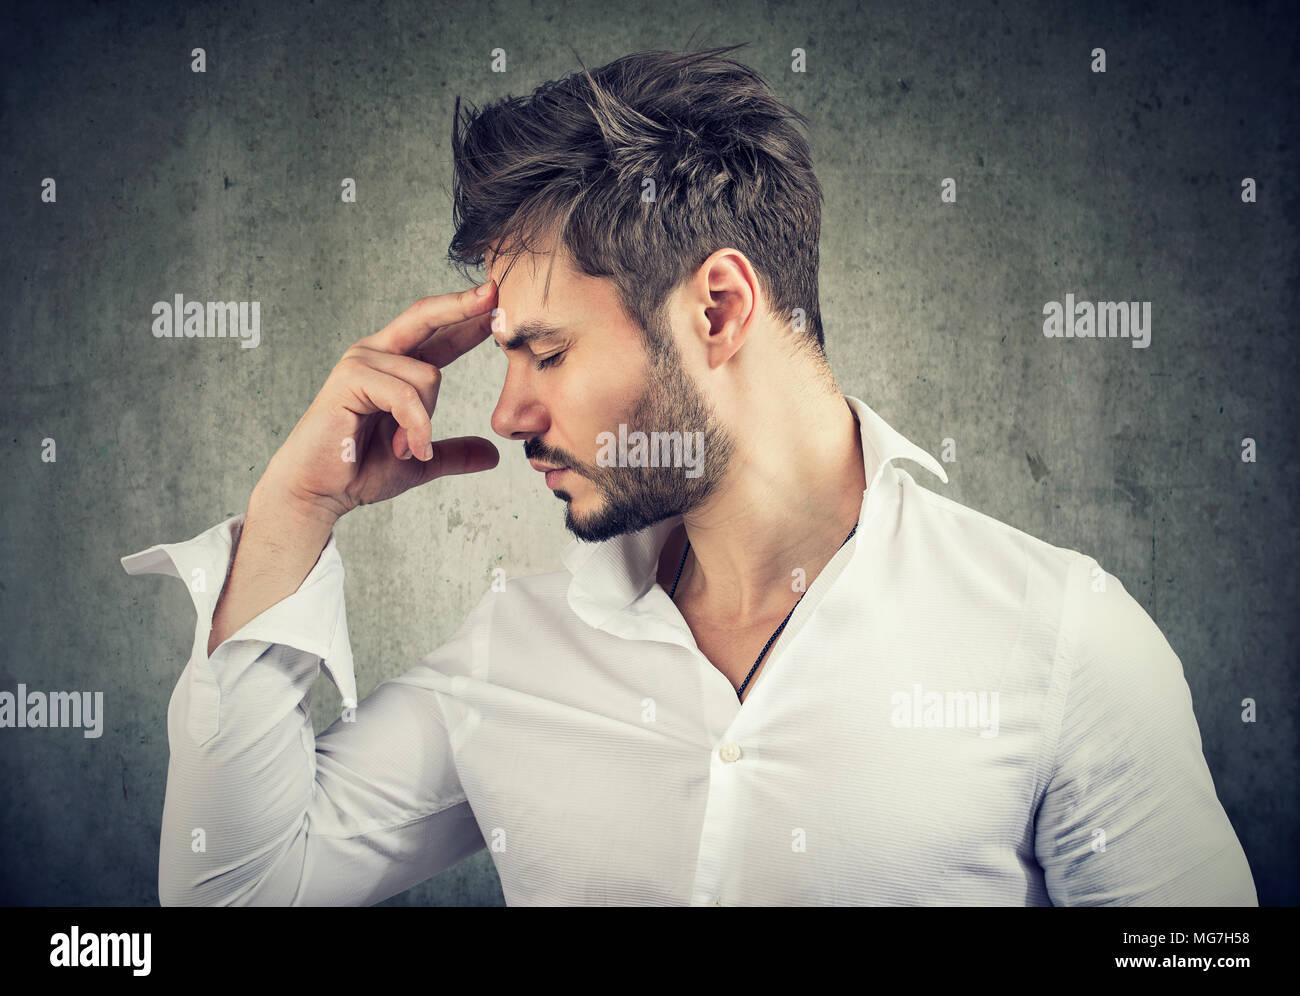 Formale Mann berühren Stirn tief Denken und auf der Suche nach Lösung. Stockbild